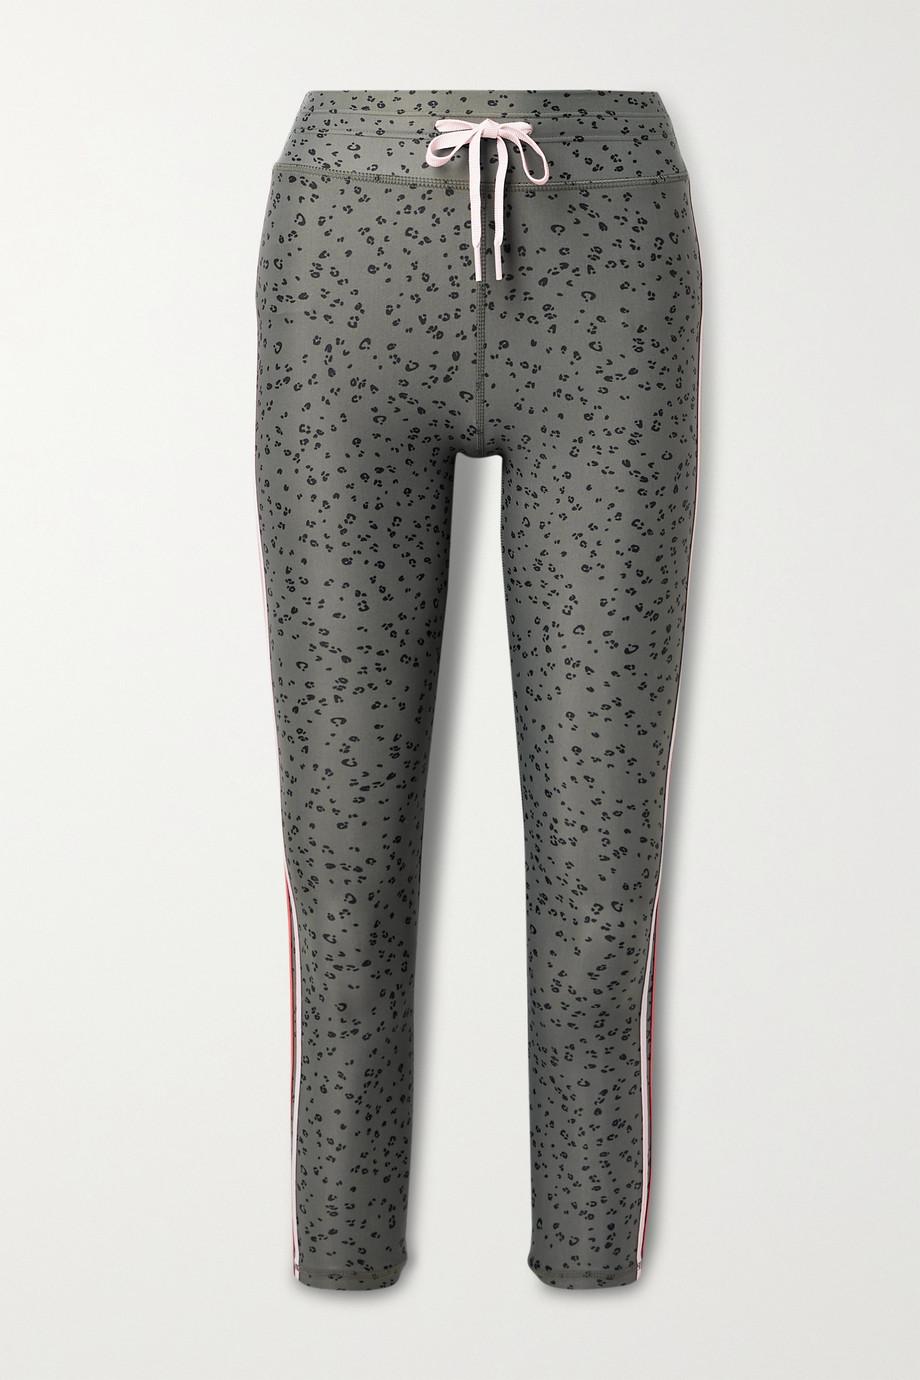 The Upside Striped leopard-print stretch leggings